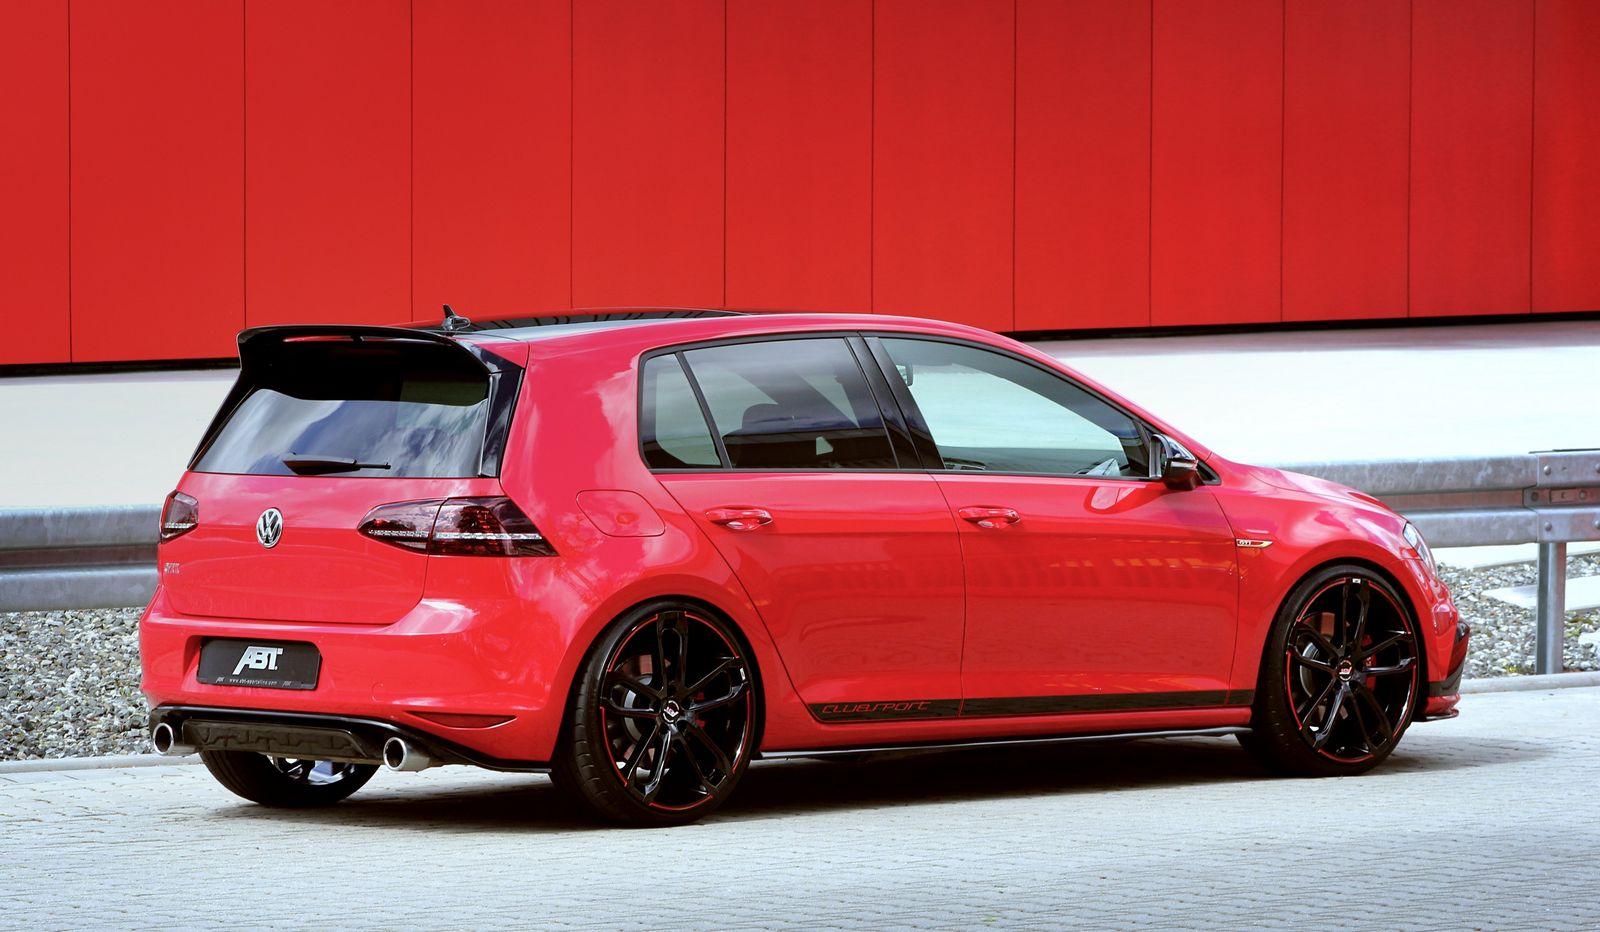 Volkswagen Golf GTI Clubsport by ABT Sportsline